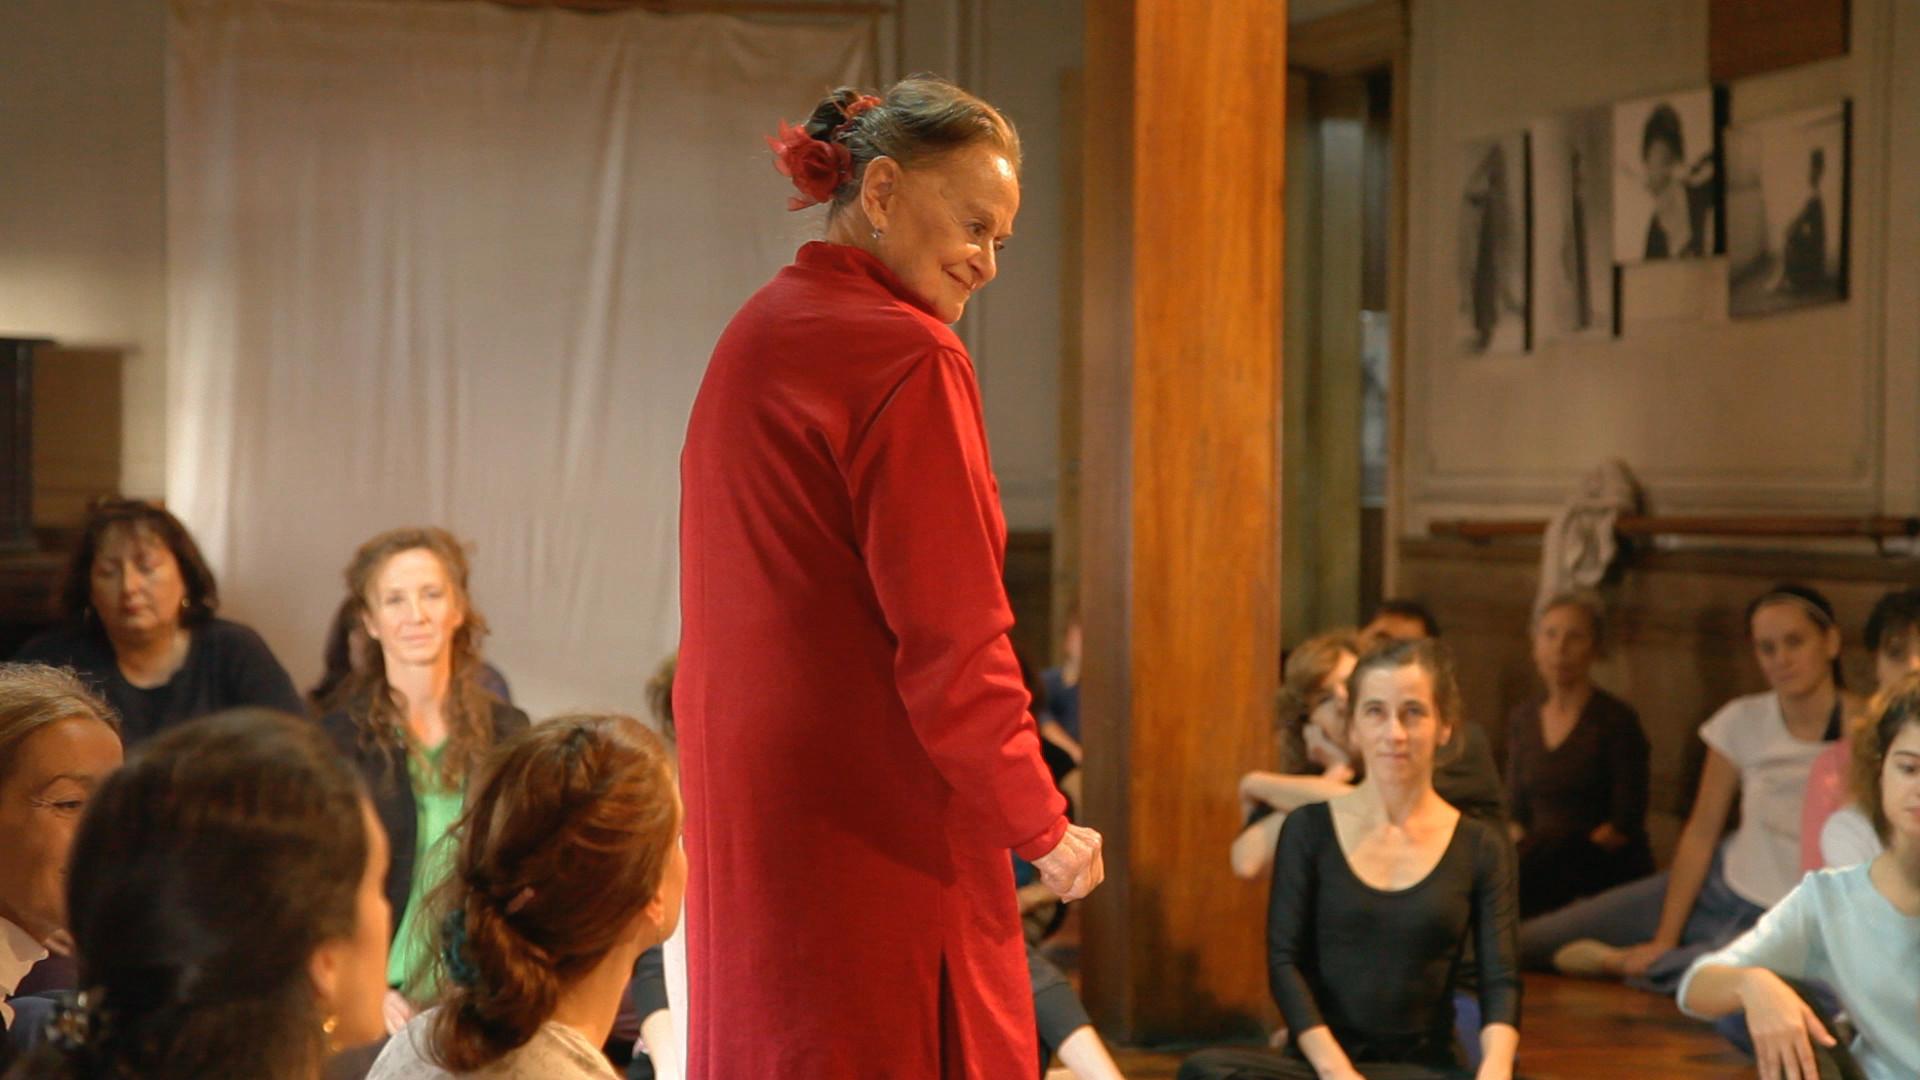 La danzatrice Maria Fux in una scena del film Dancing with Maria